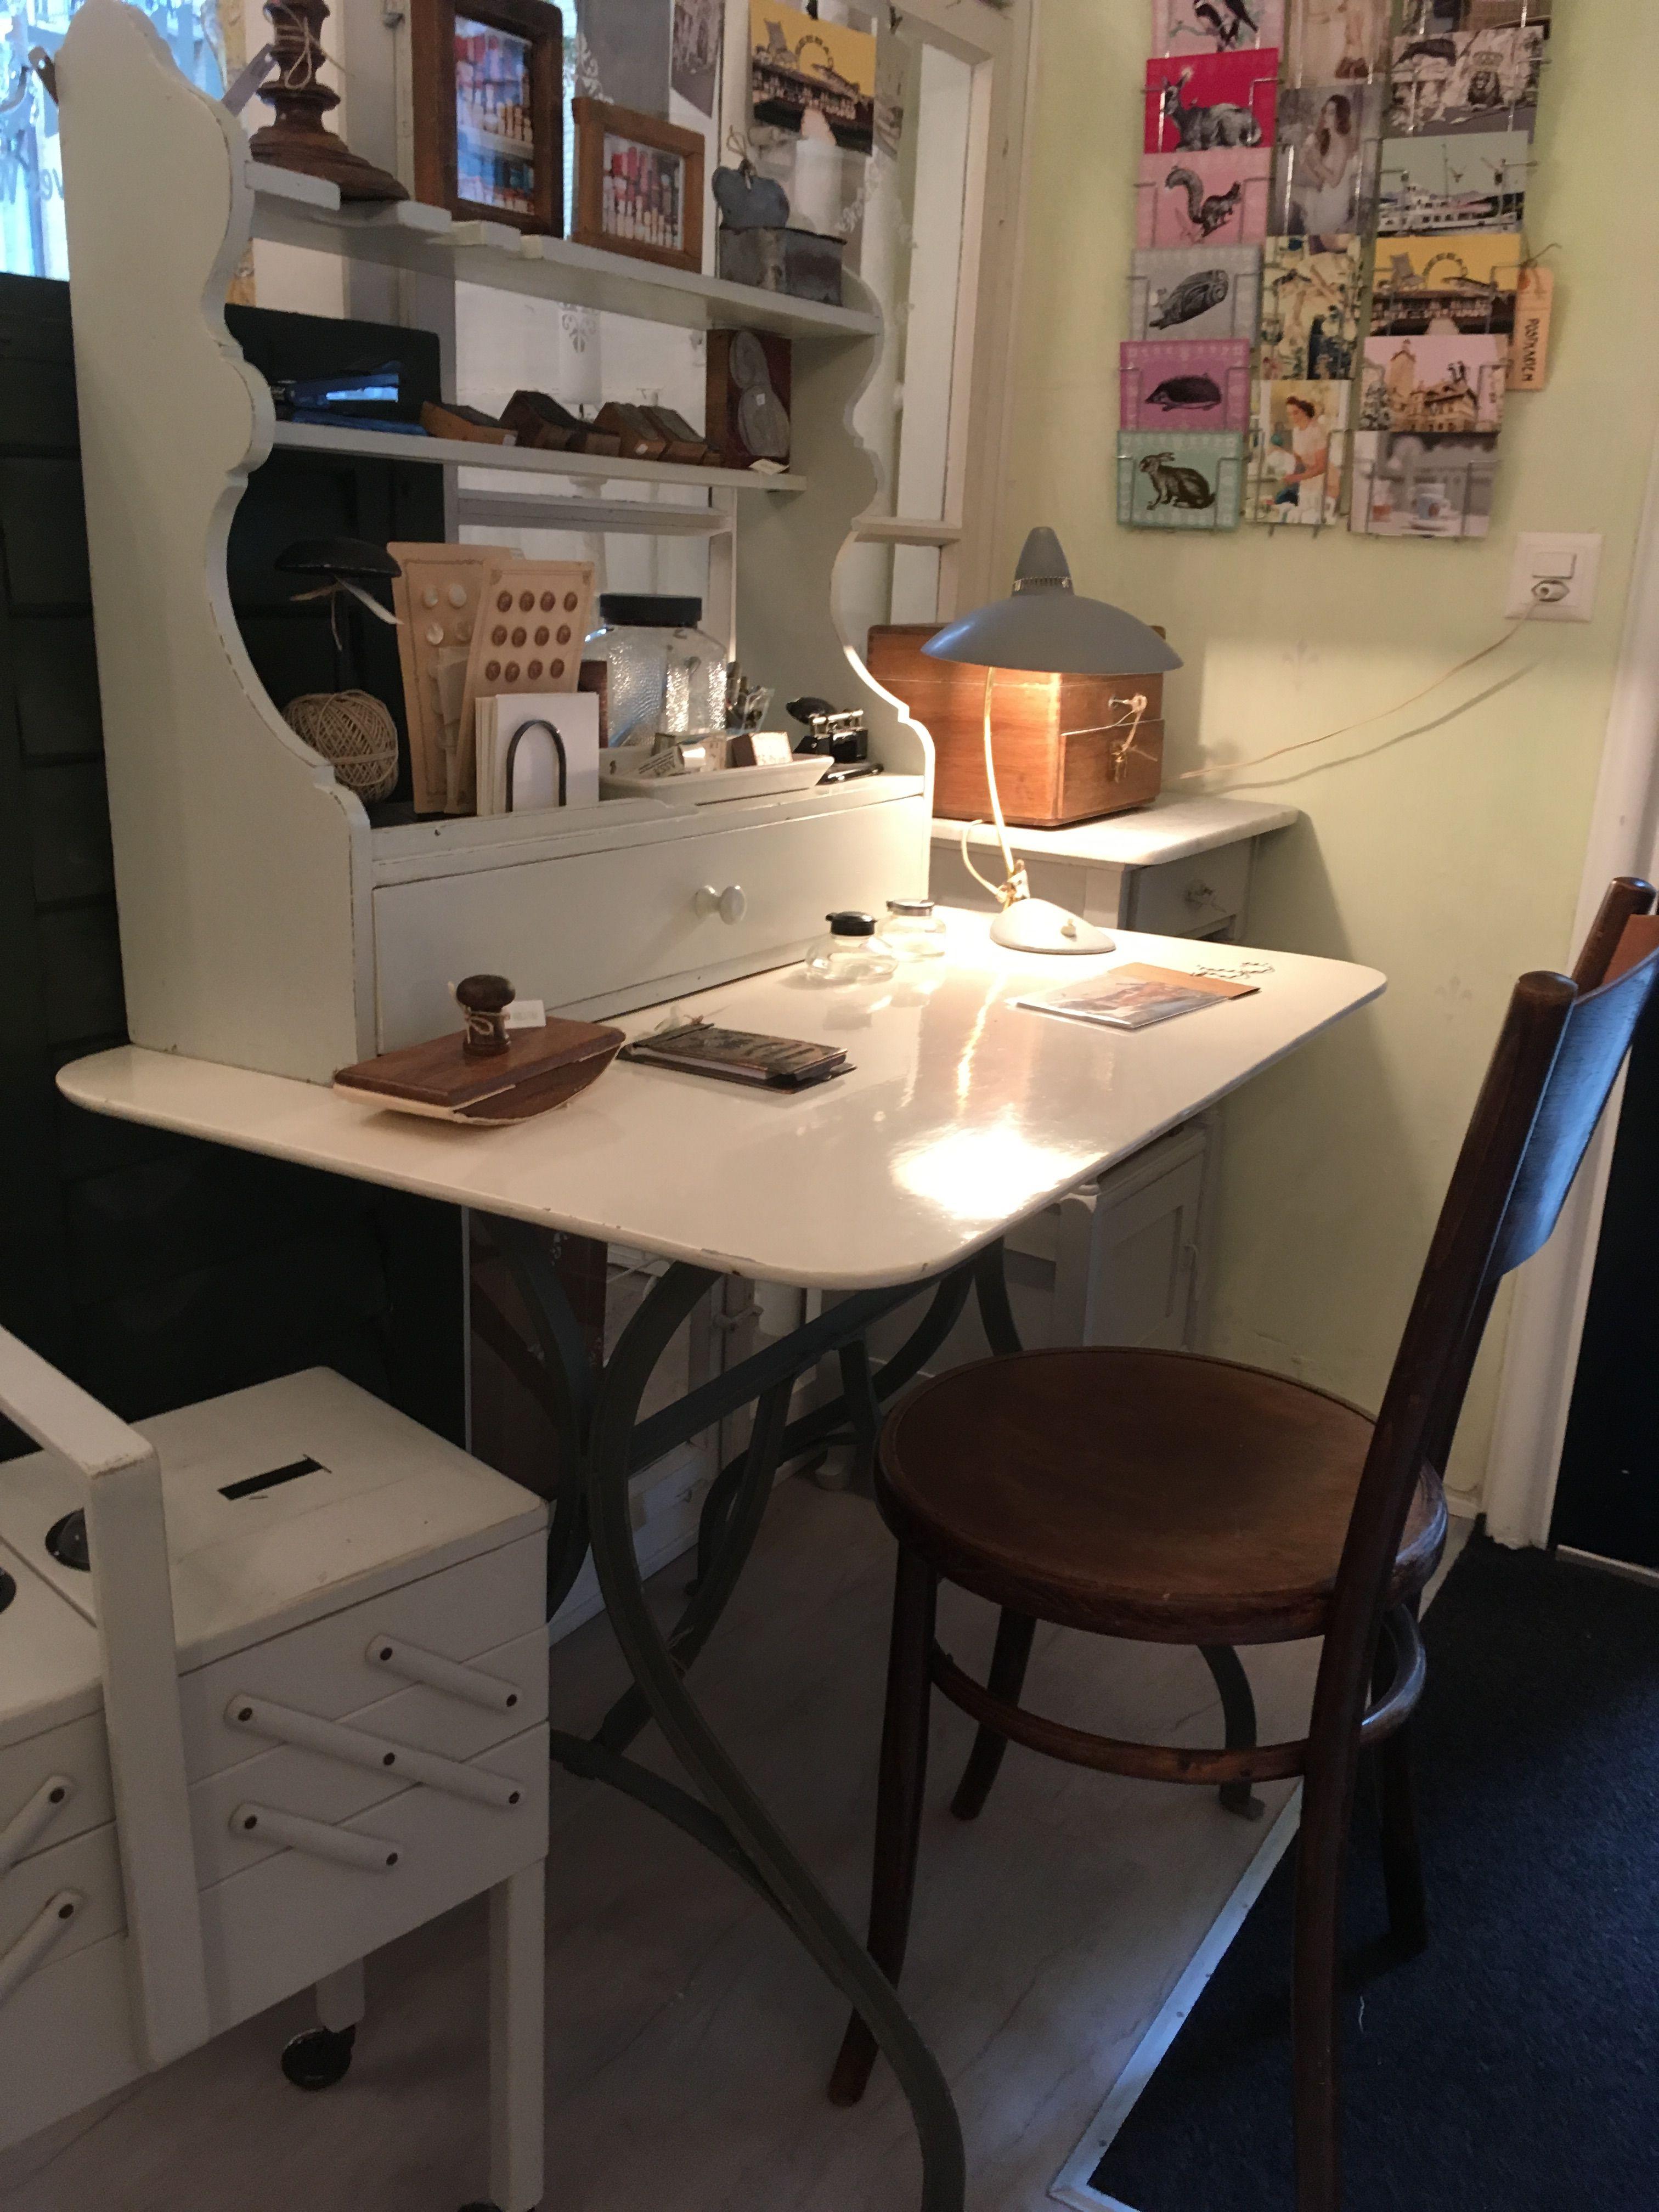 Vintage Stil Gartentisch Als Pult Bei Unikatum Luzern Decor Inspiration Home Shabby Chic